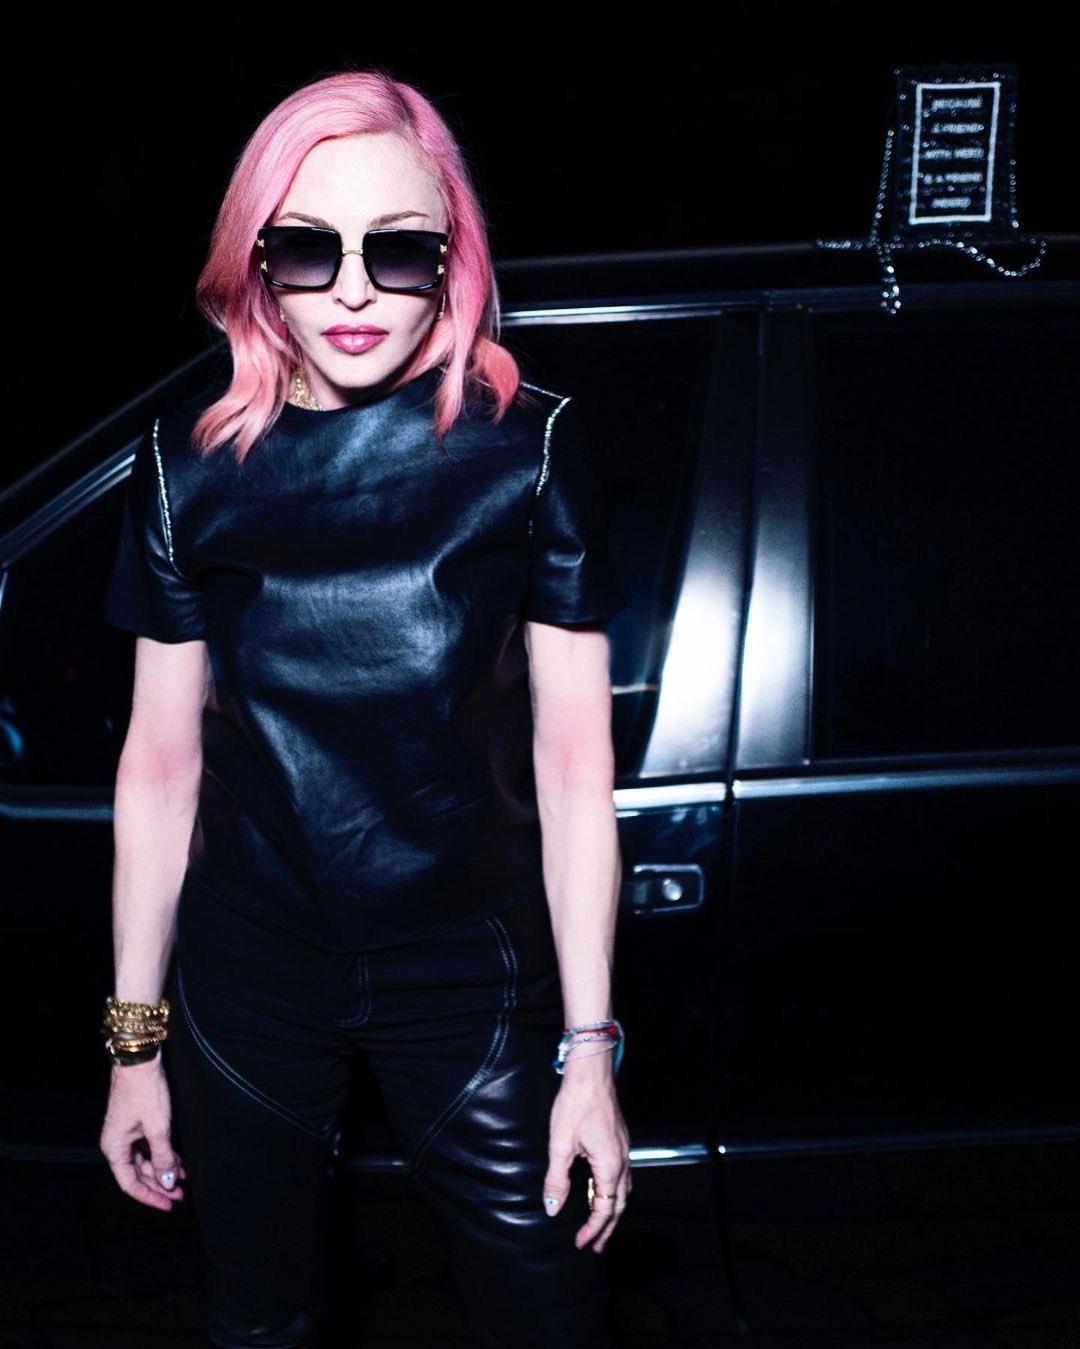 Madonna Net Worth 2021 : Bio, Age, Children, Song, Husband